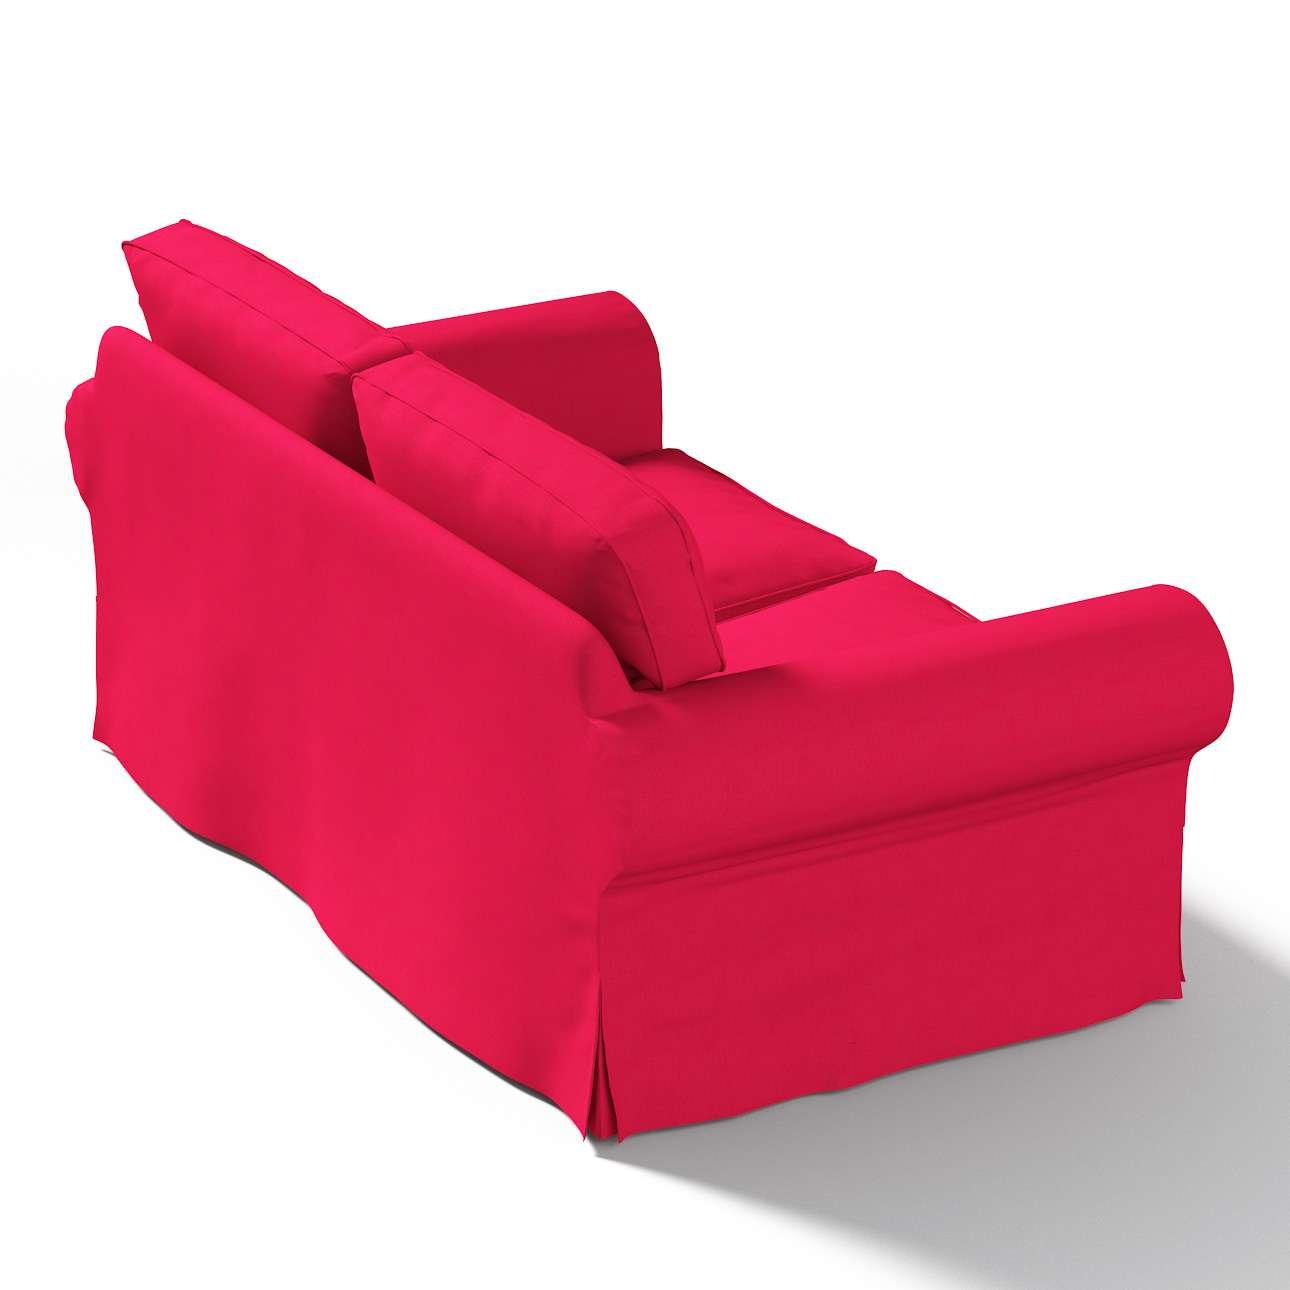 Ektorp dvivietės sofos užvalkalas Ektorp dvivietės sofos užvalkalas kolekcijoje Etna , audinys: 705-60